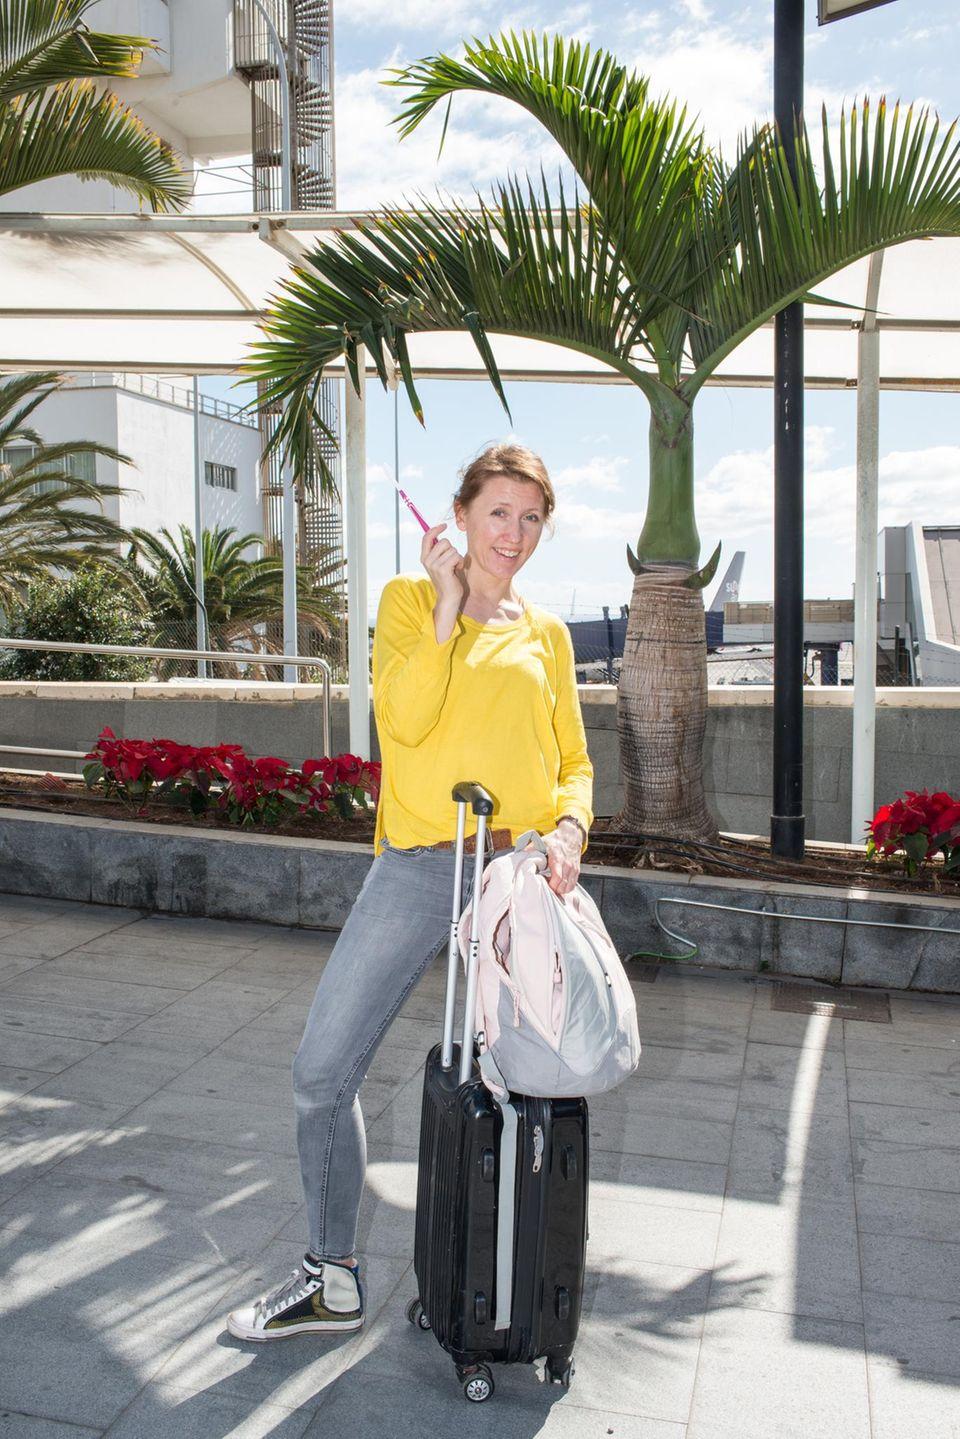 Urlaub mit fremdem Gepäck, nur Neles Zahnbürste darf mit.